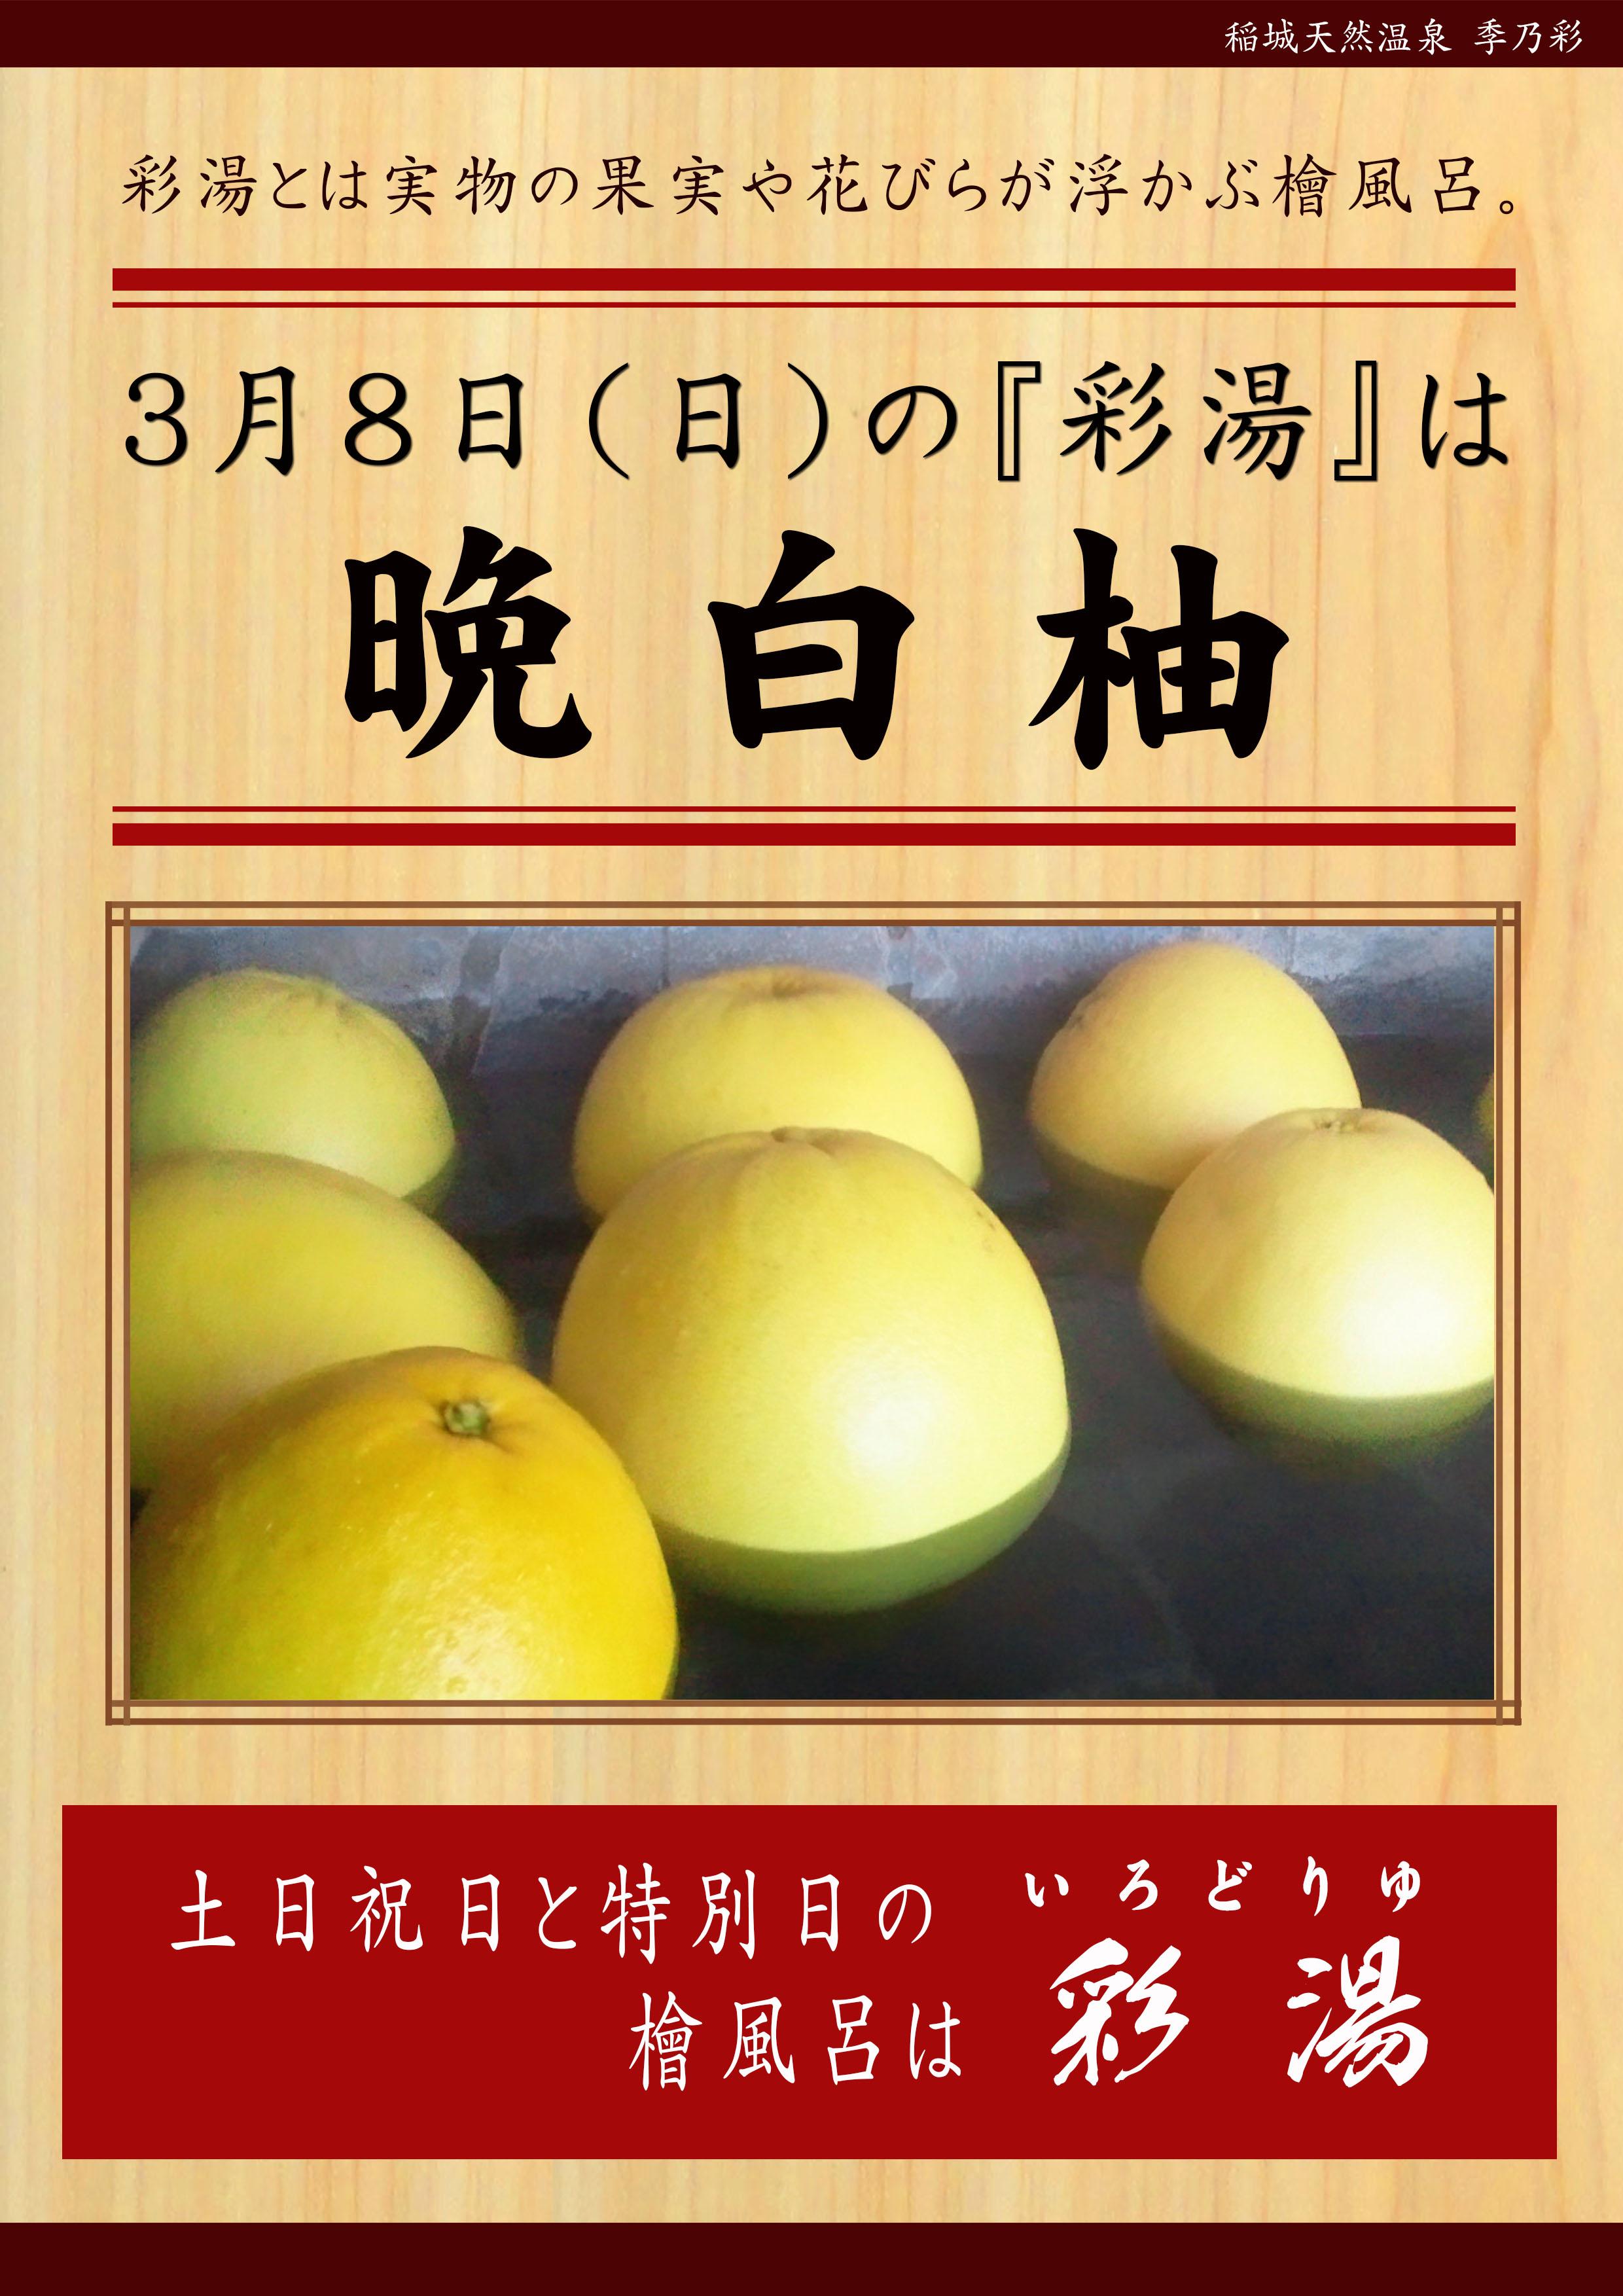 200308 POP イベント 彩湯 晩白柚